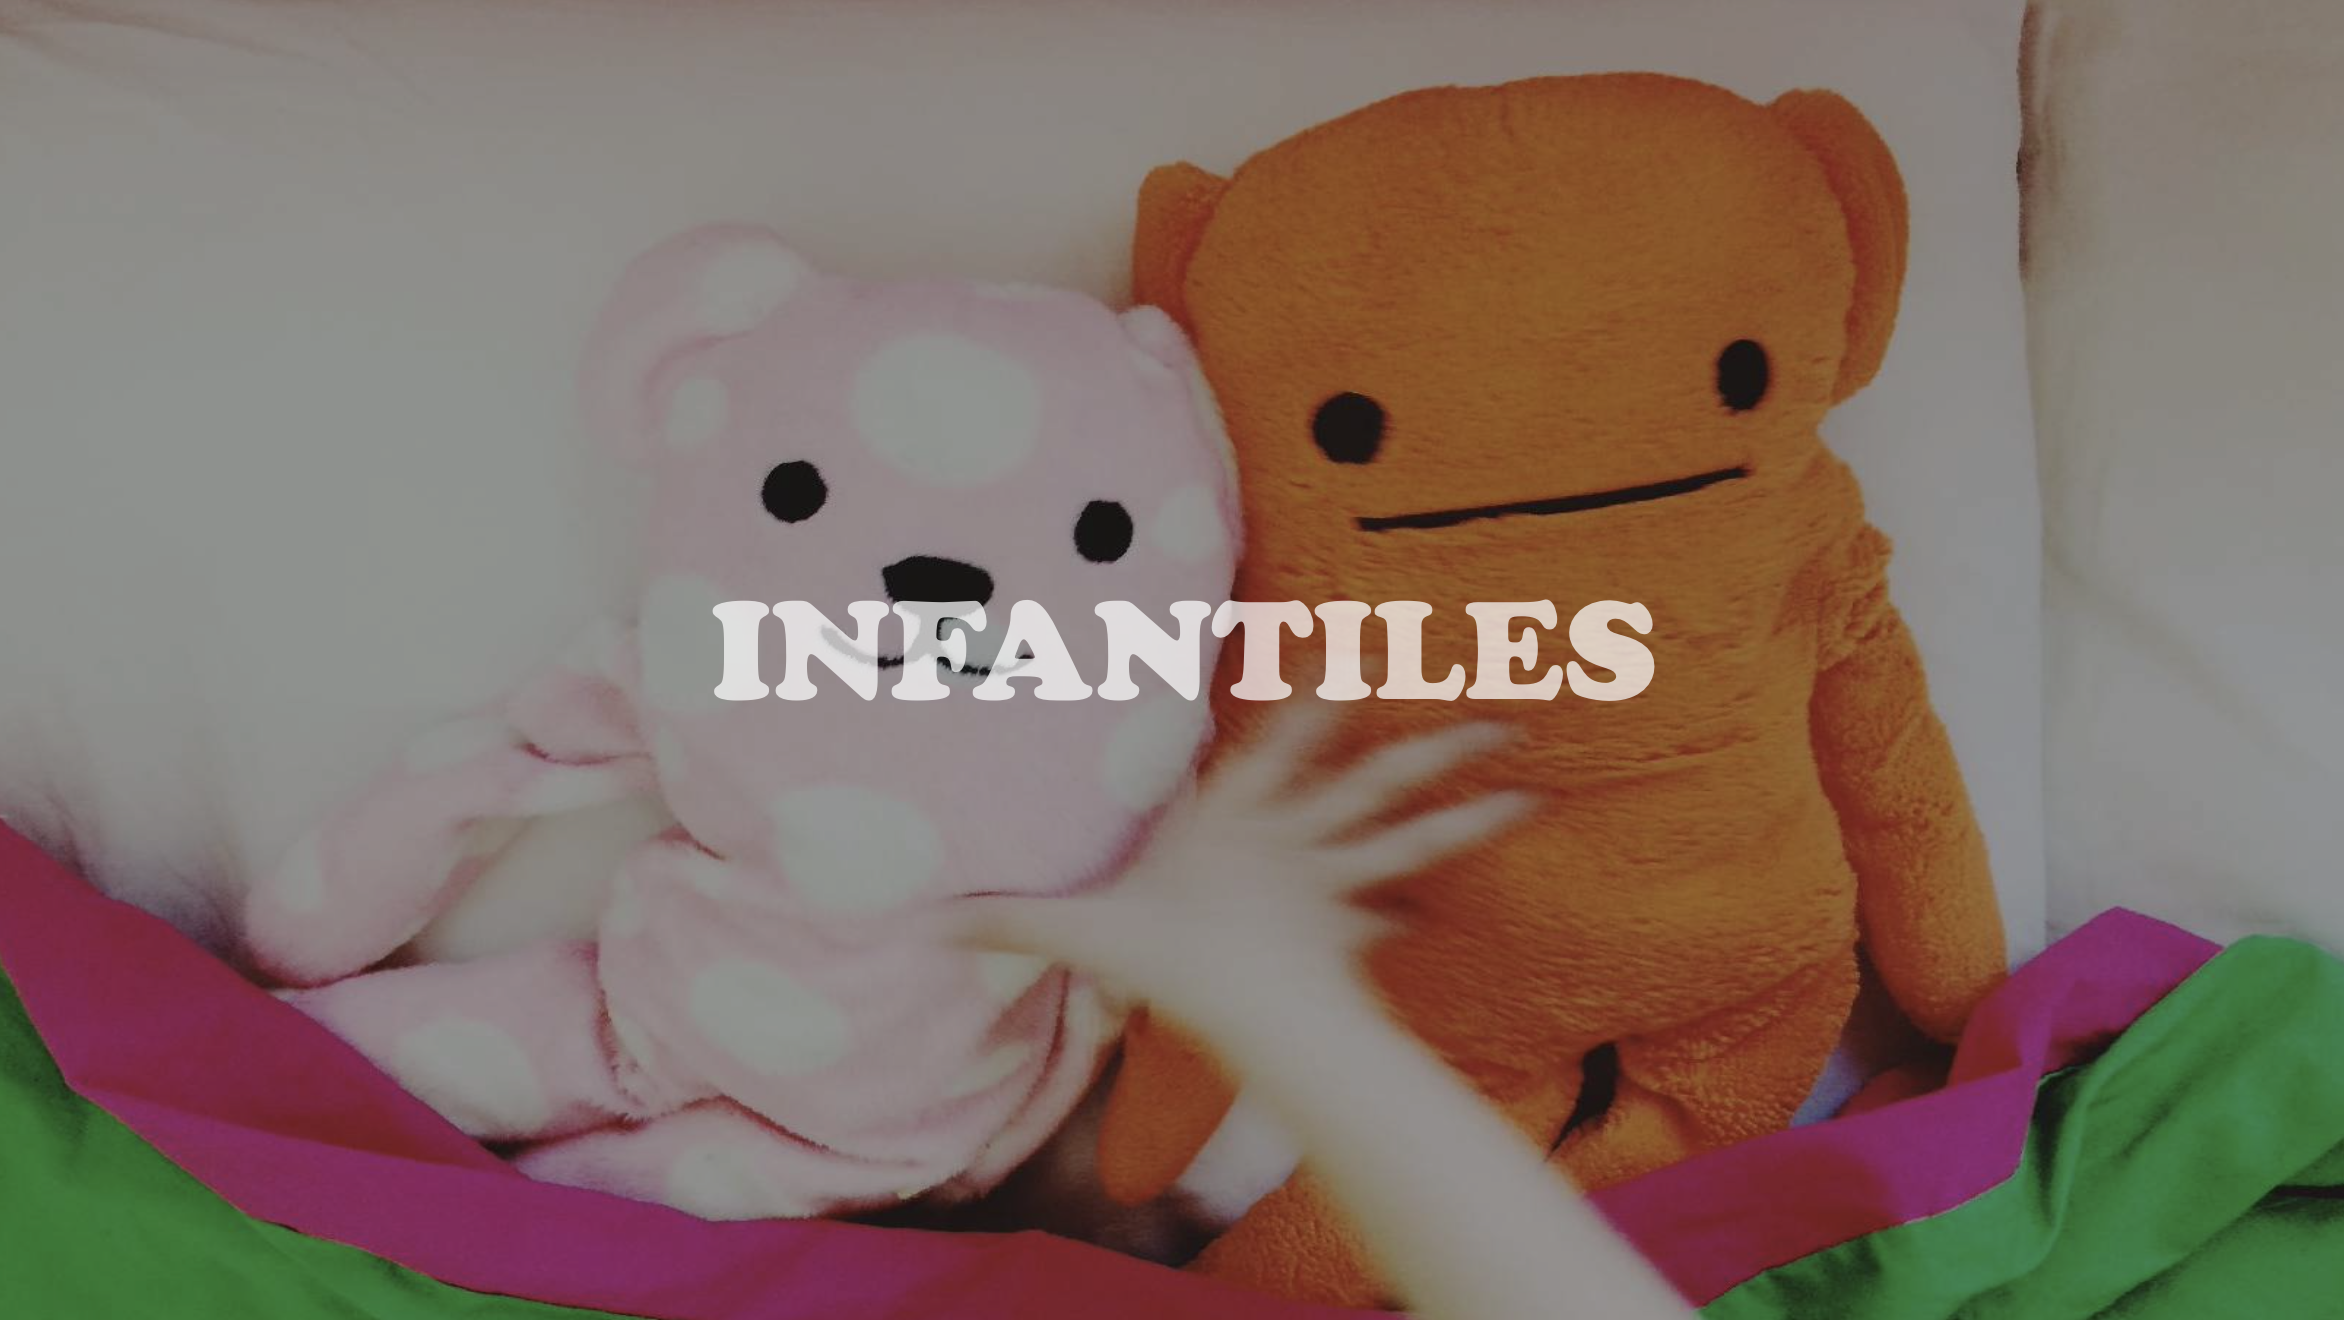 04-INFANTILES